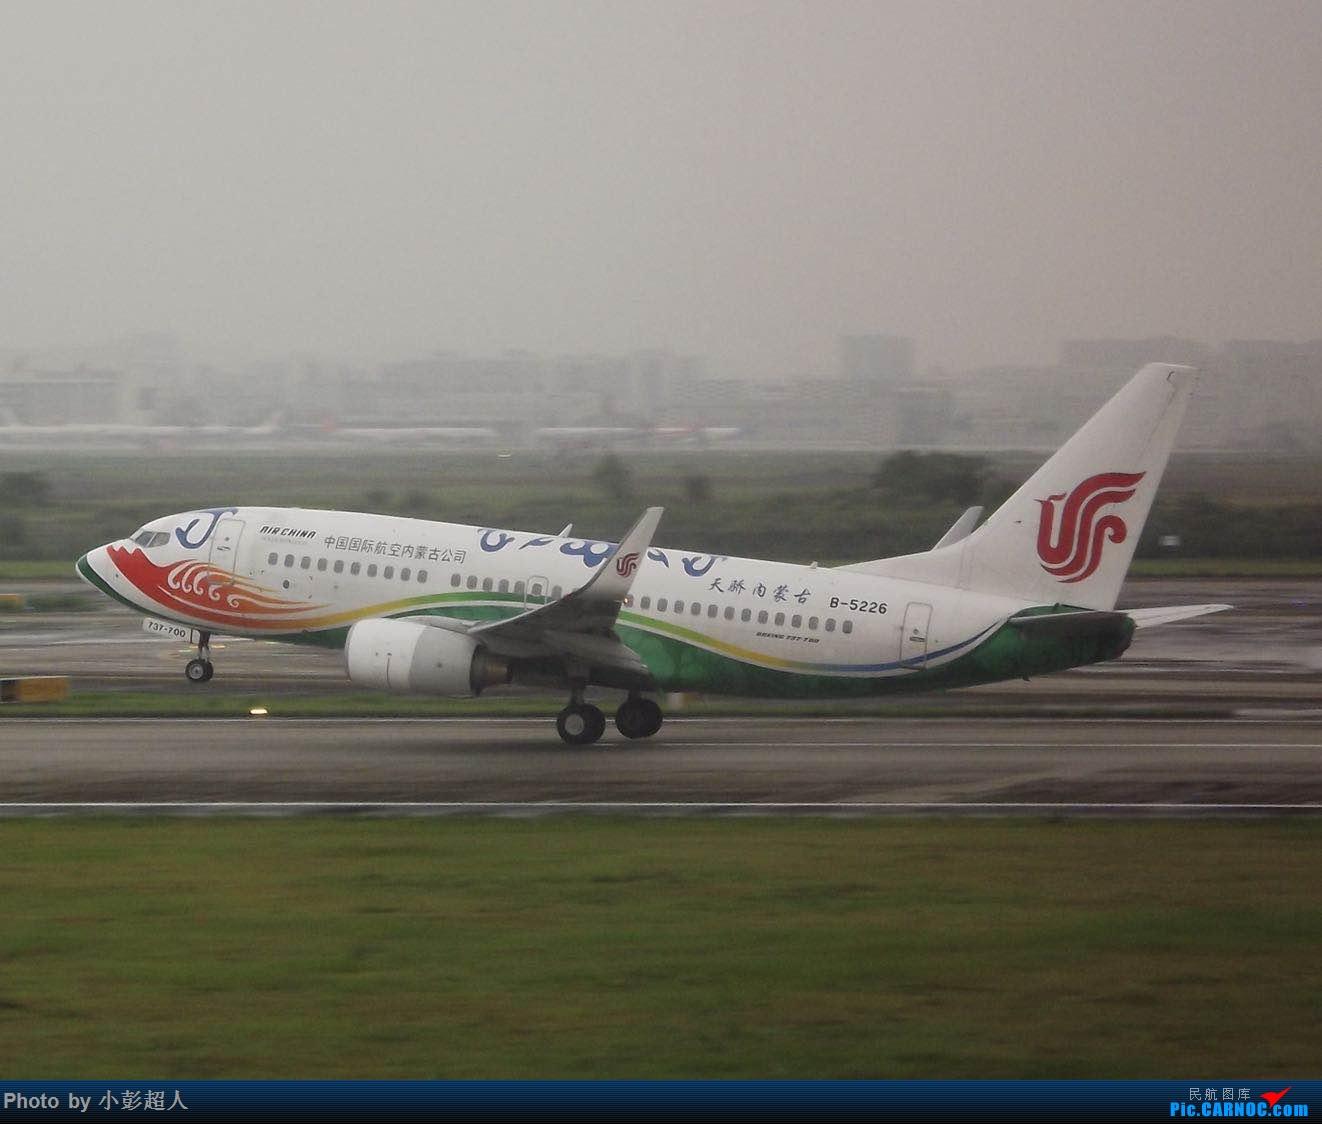 天骄内蒙古 BOEING 737-700 B-5226 中国重庆江北国际机场